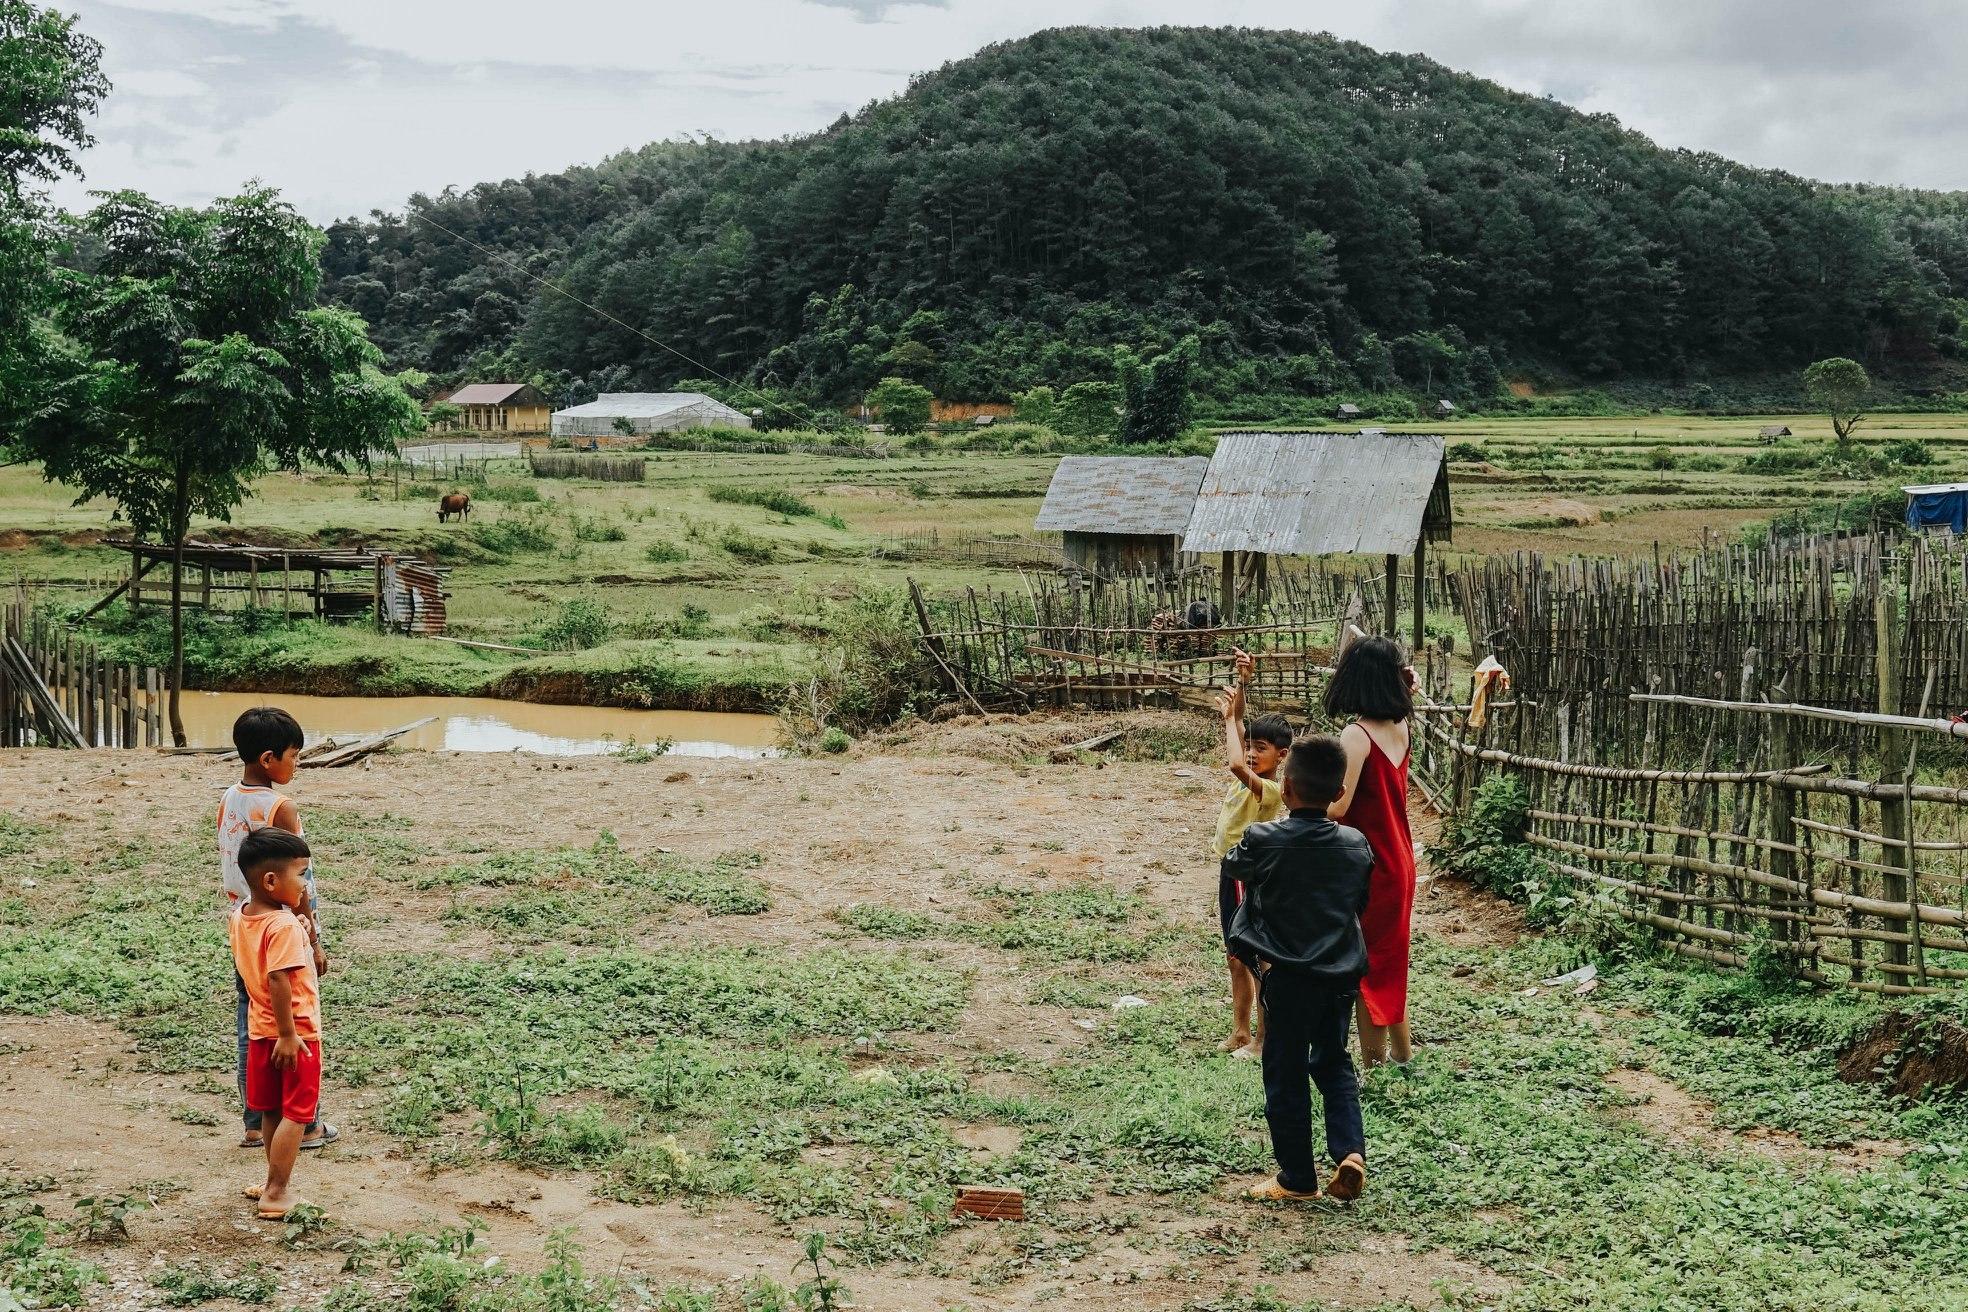 Du lịch cộng đồng là cơ hội để du khách trải nghiệm cuộc sống của người dân bản địa với những sinh hoạt rất đời thường. Hình: Hoàng Linh Hà